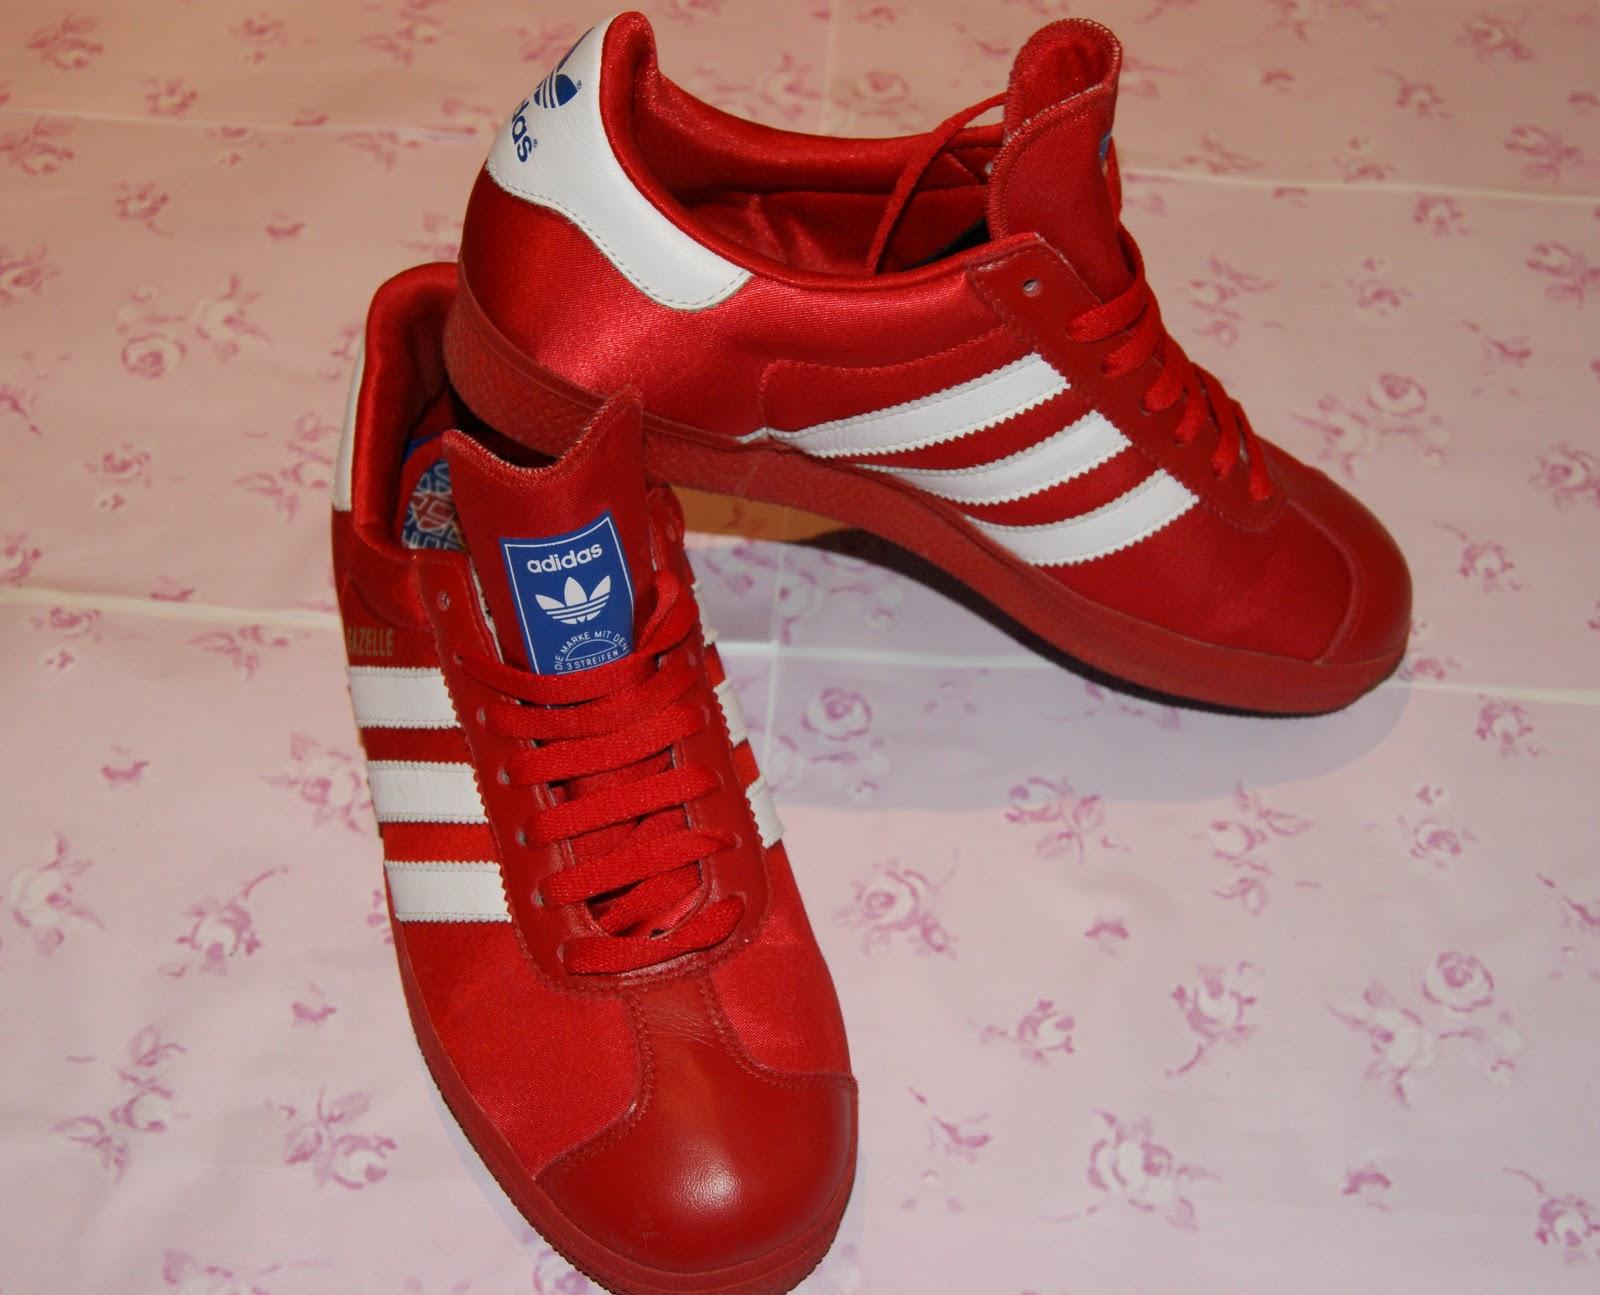 Adidas 2016 Zapatillas rojas